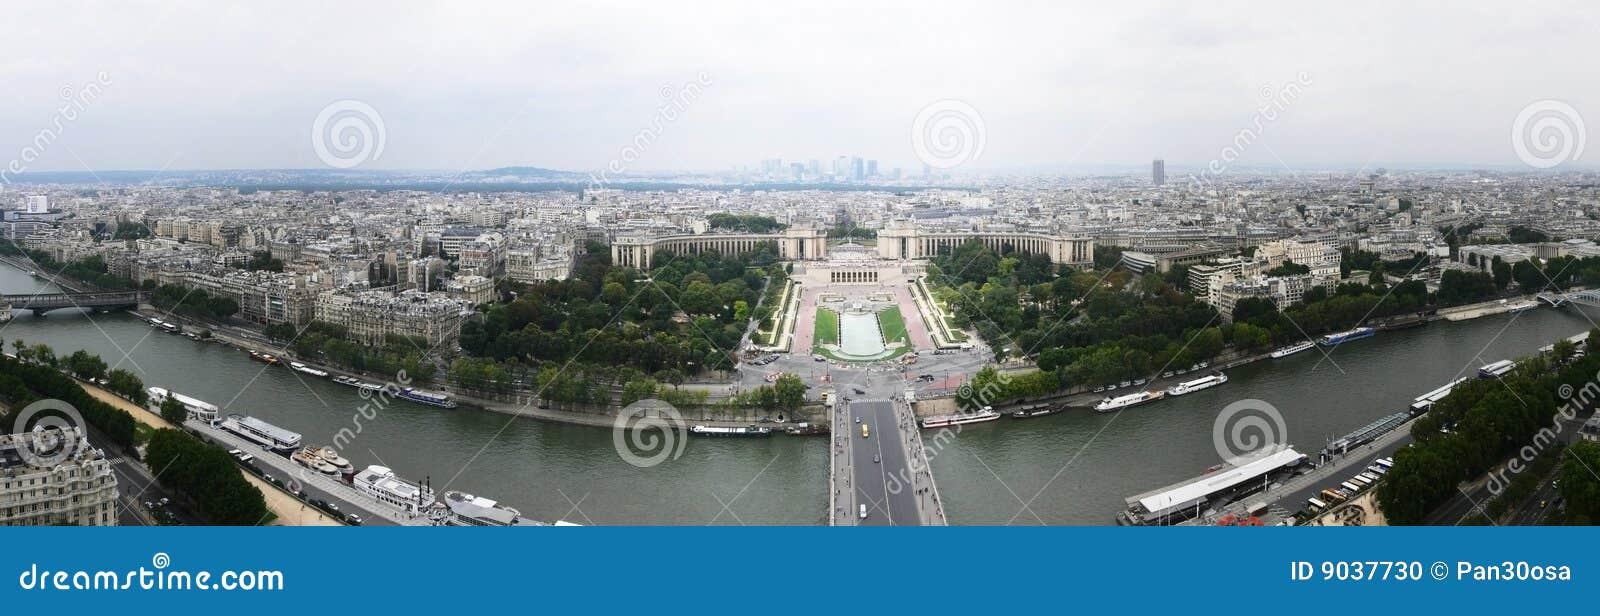 西方埃菲尔北部全景巴黎的塔